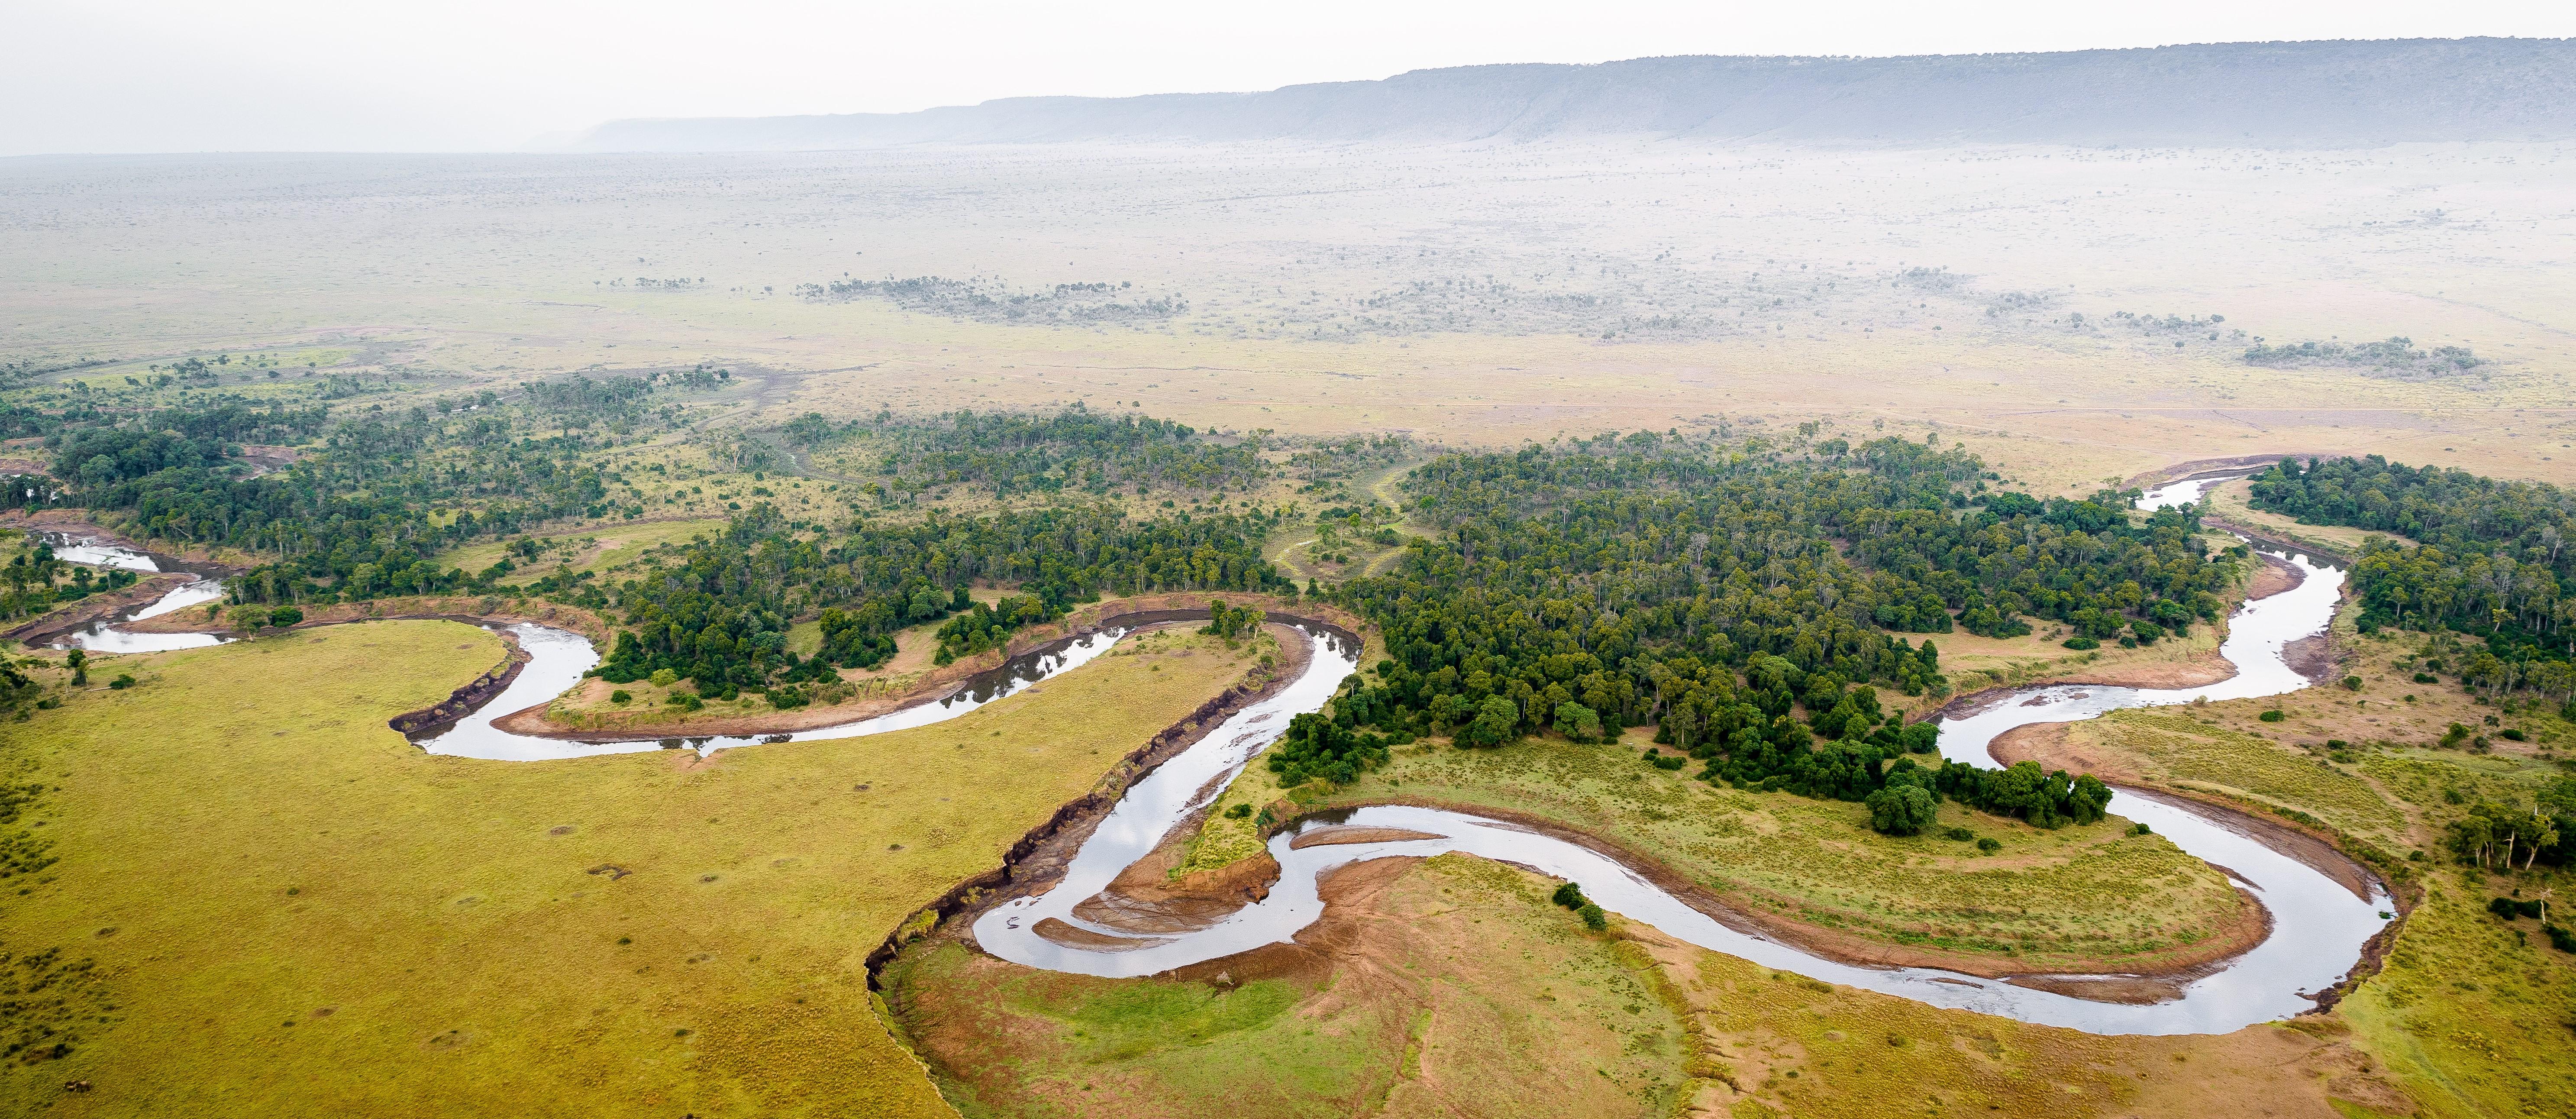 masai-mara-aerial-river-view